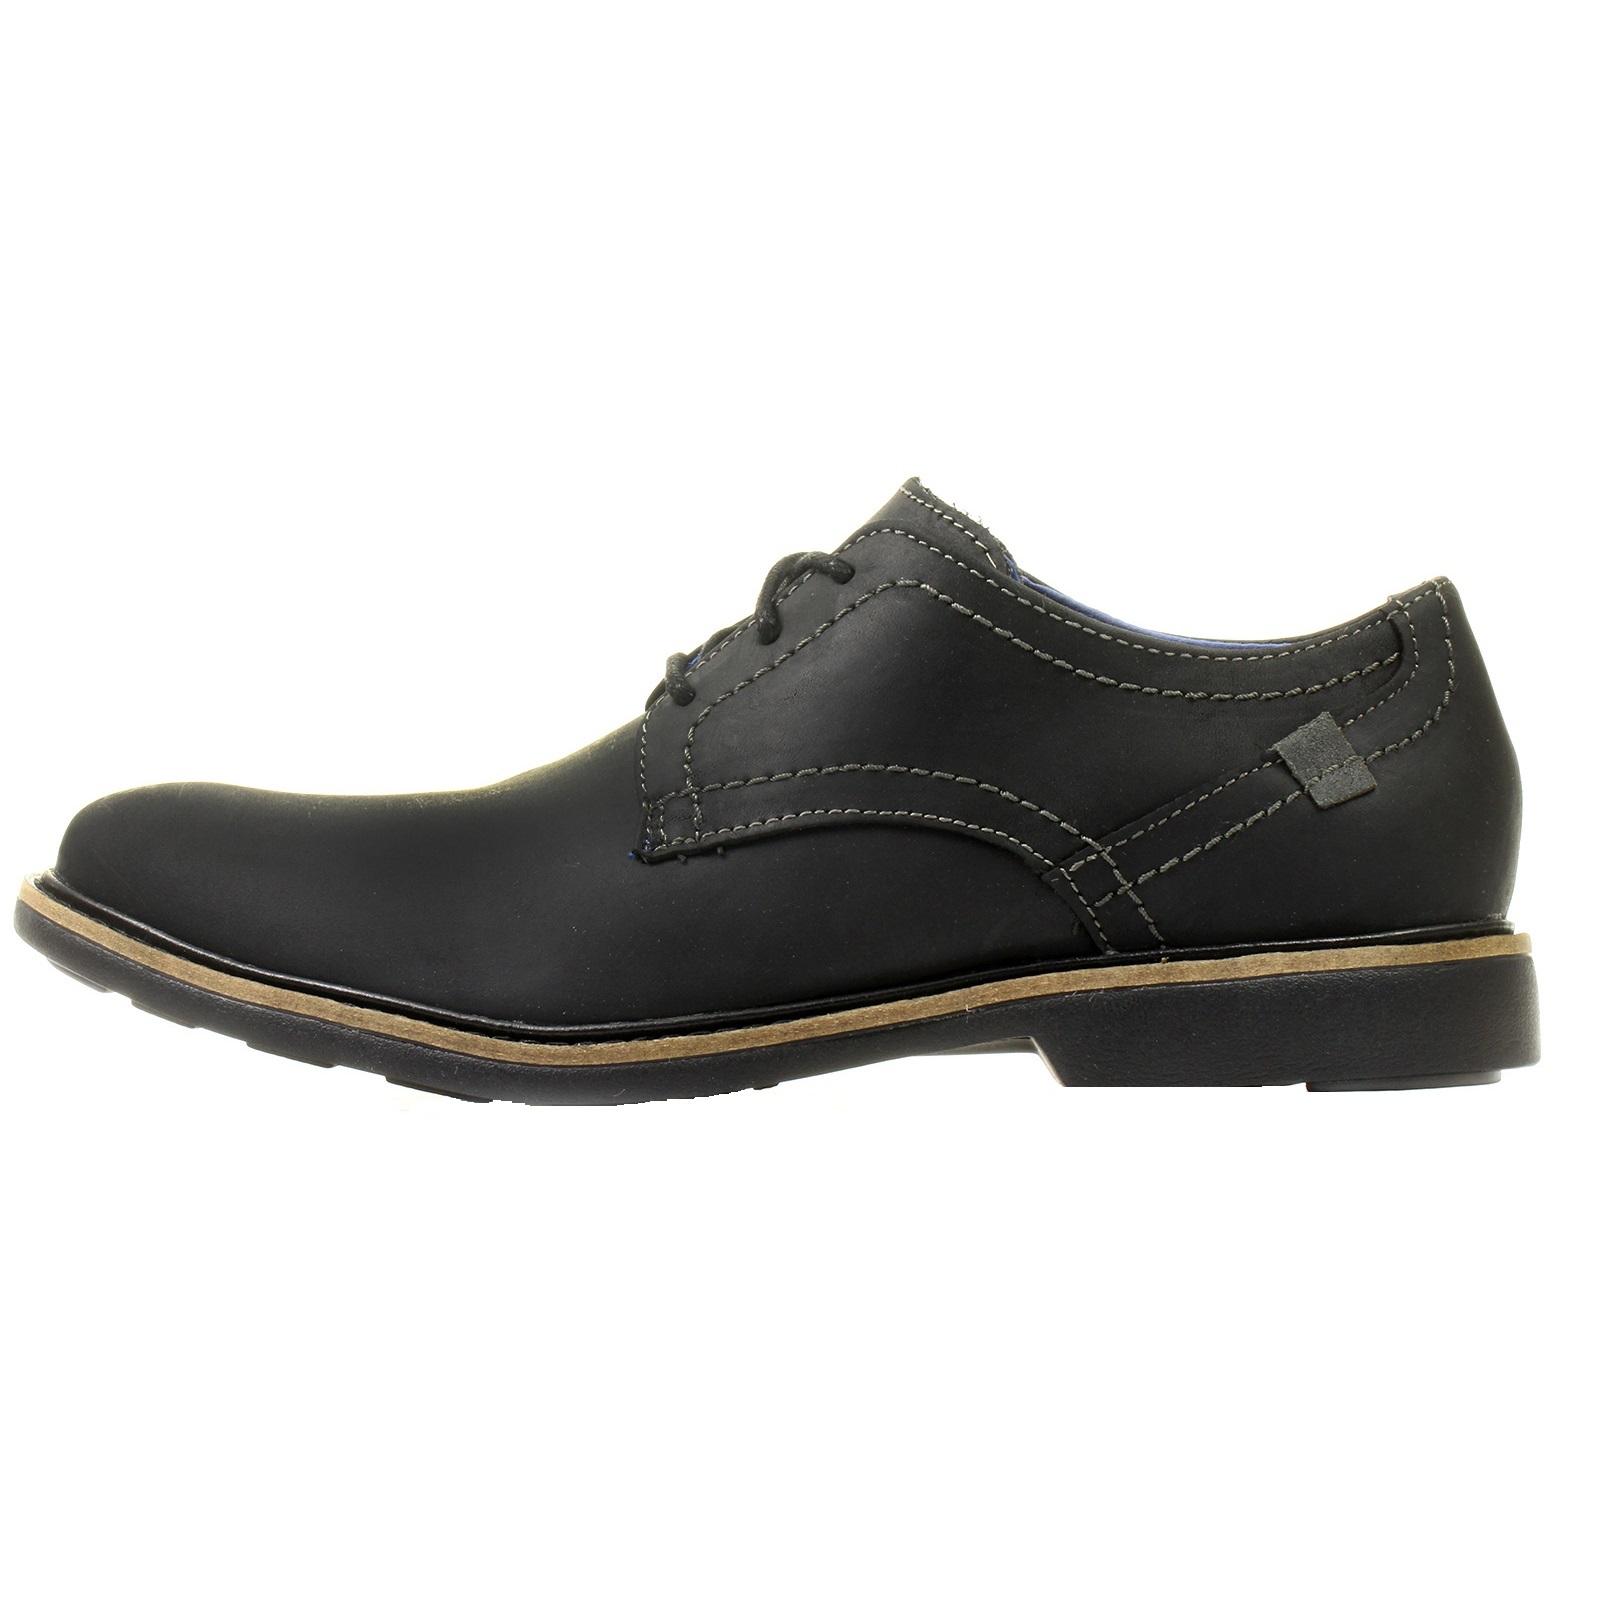 کفش مردانه اسکچرزر مدل MARK NASON  کد 68115/BLK